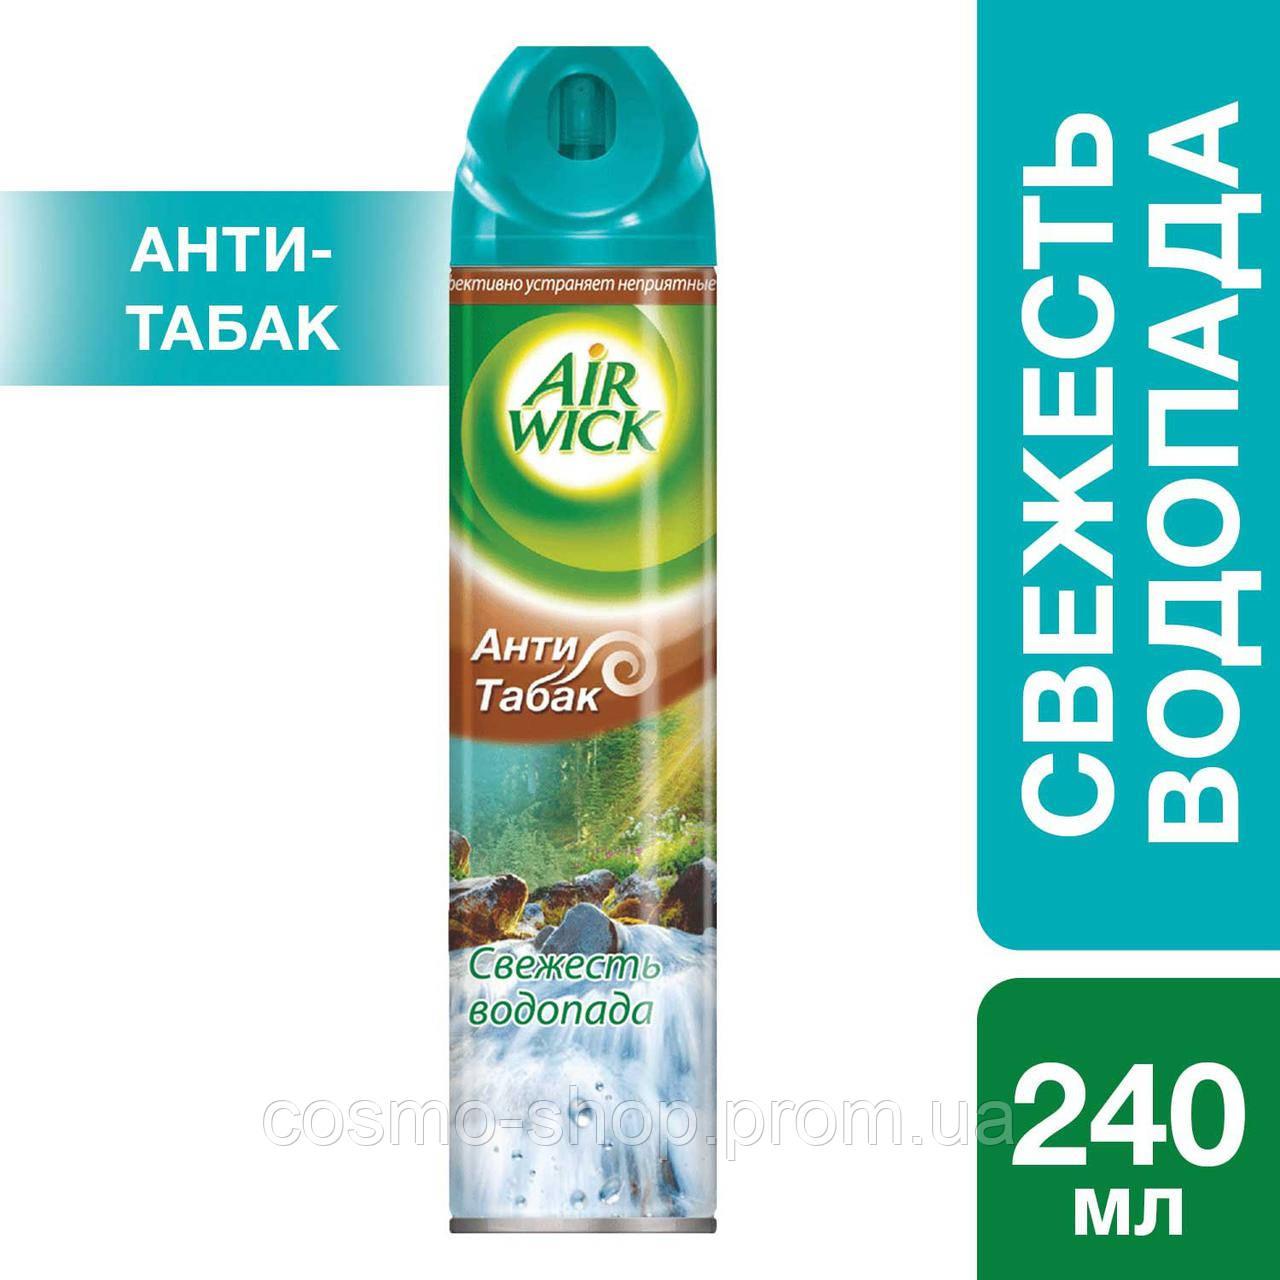 Аэрозольный освежитель воздуха Air Wick Свежесть водопада (240 мл) - Cosmo Shop в Киеве